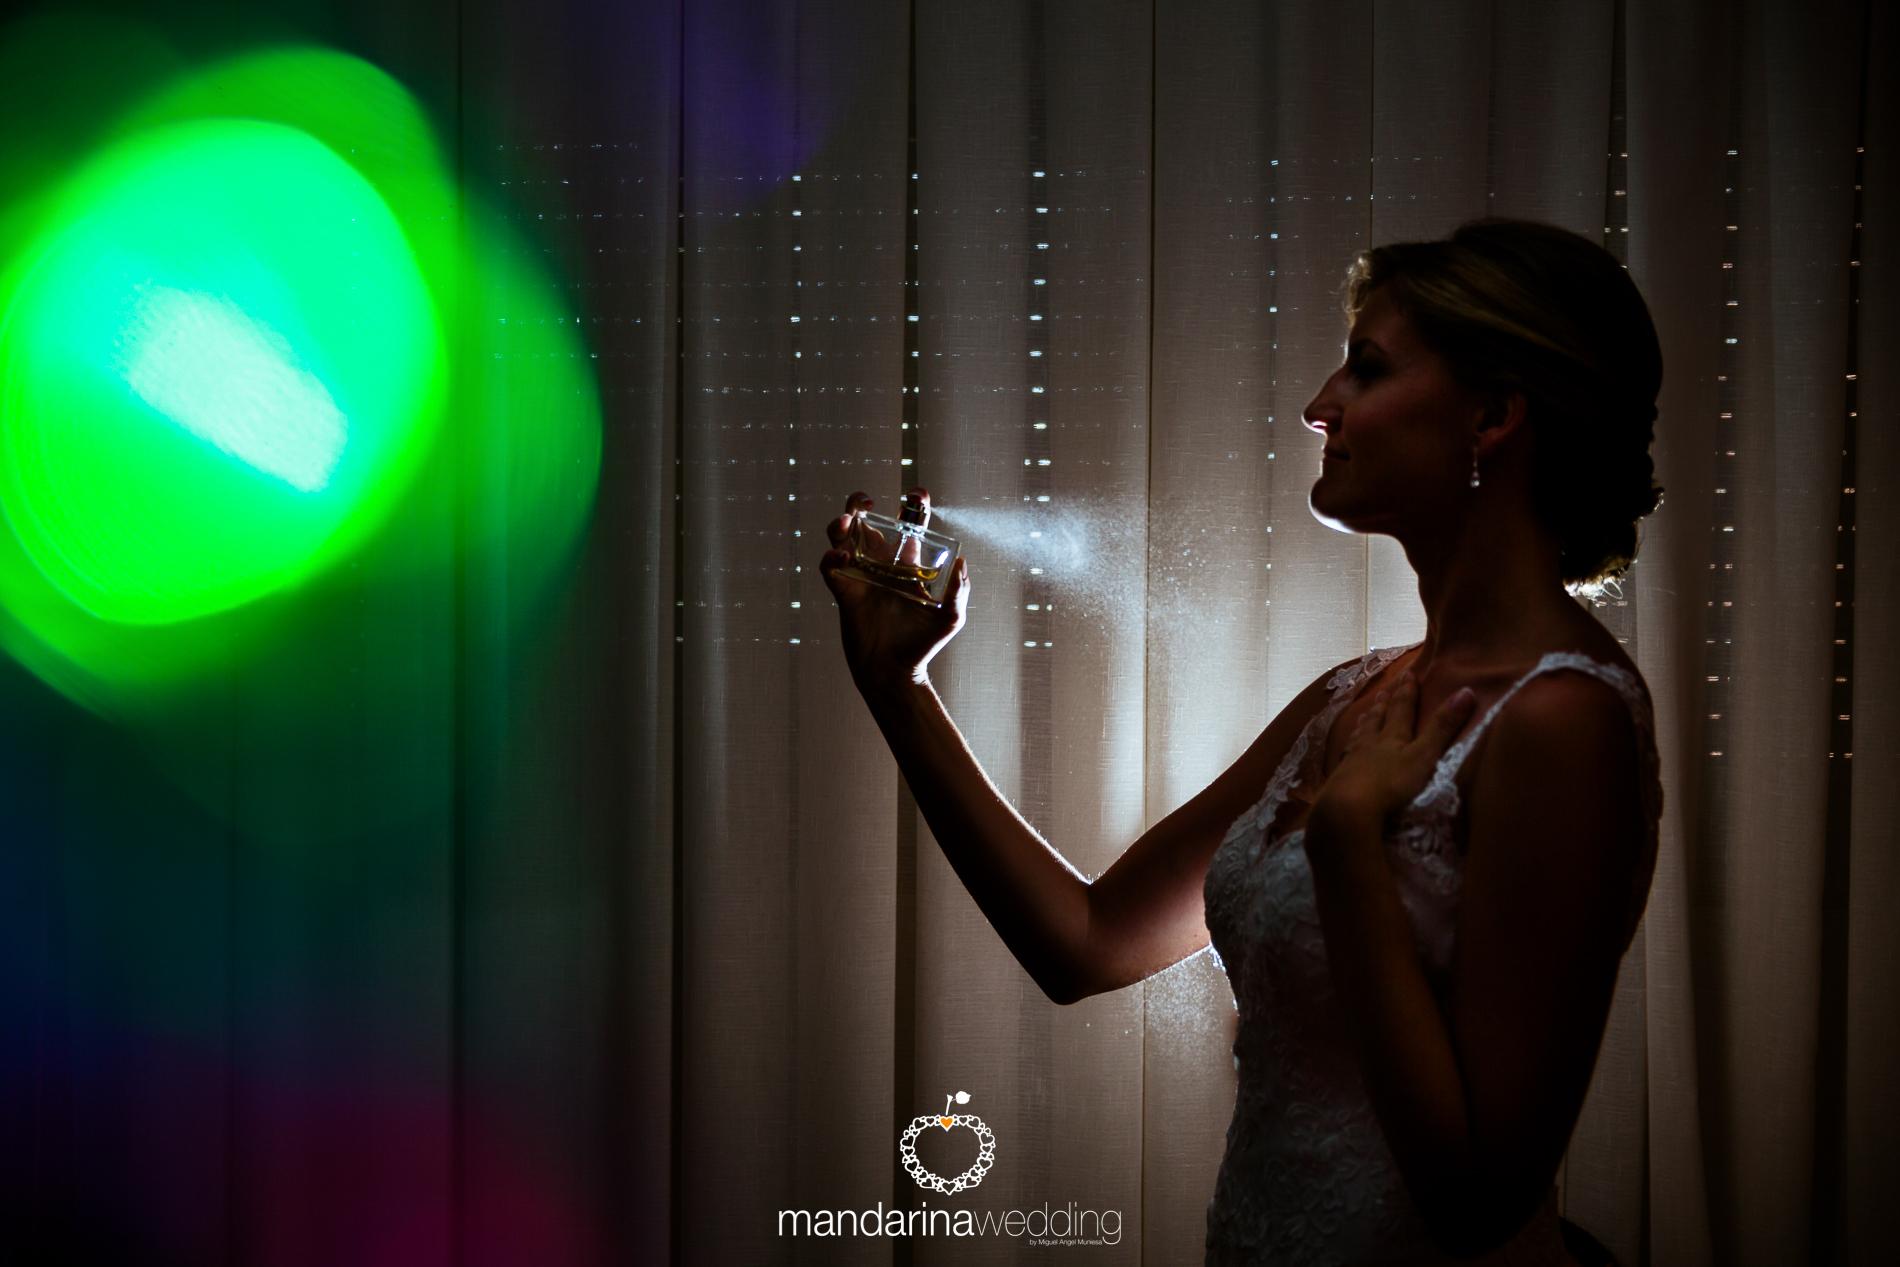 mandarina wedding_11